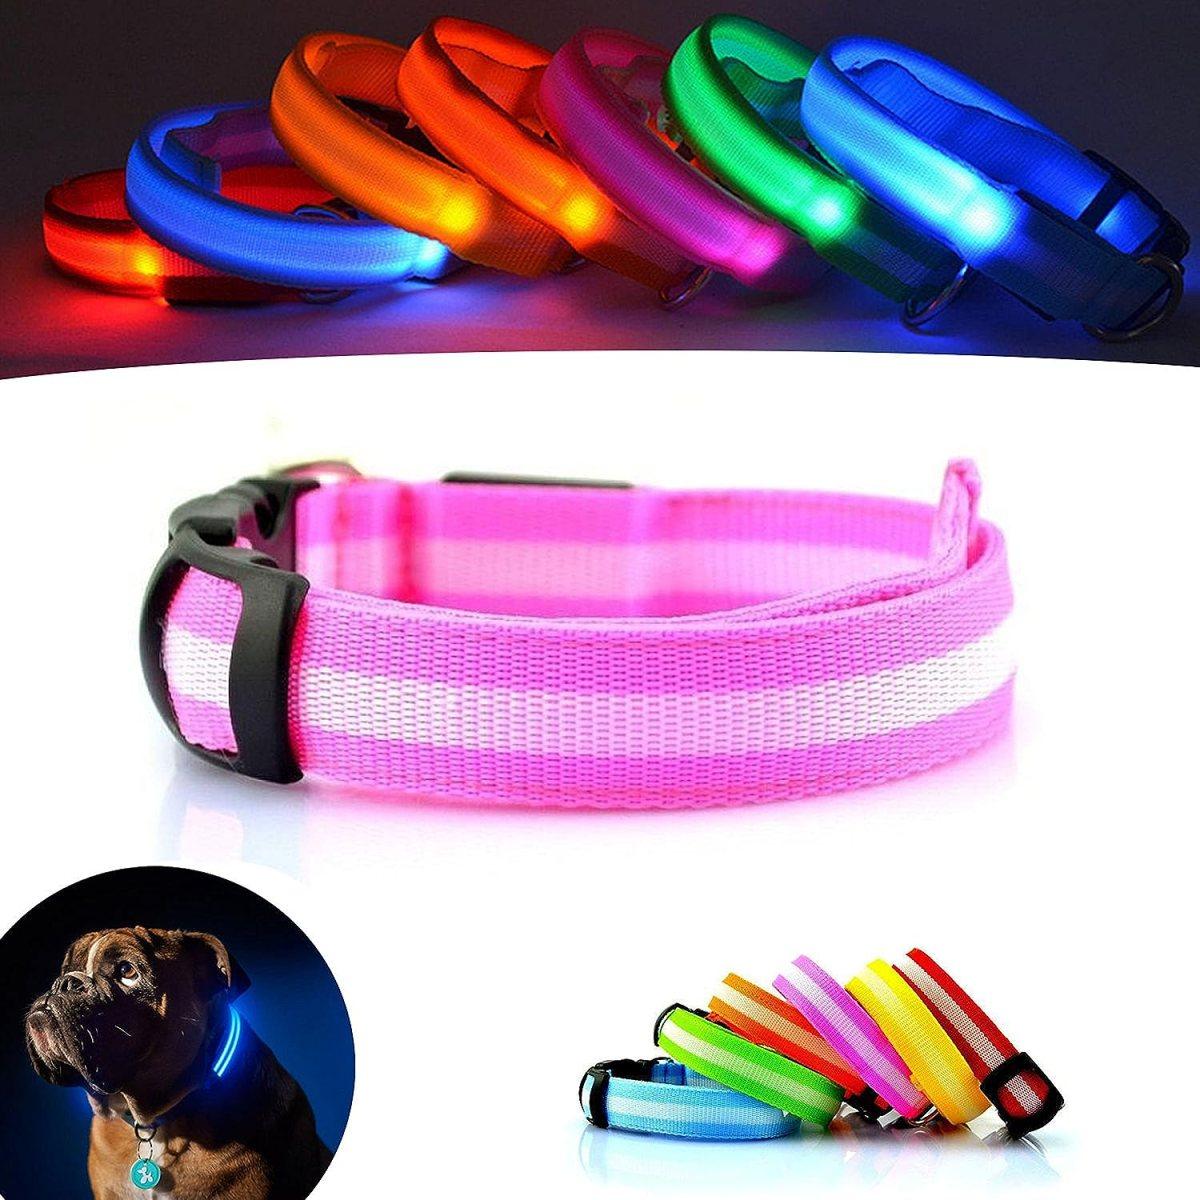 Mejor Perro visibilidad y seguridad – USB Batería LED perro seguridad Collar